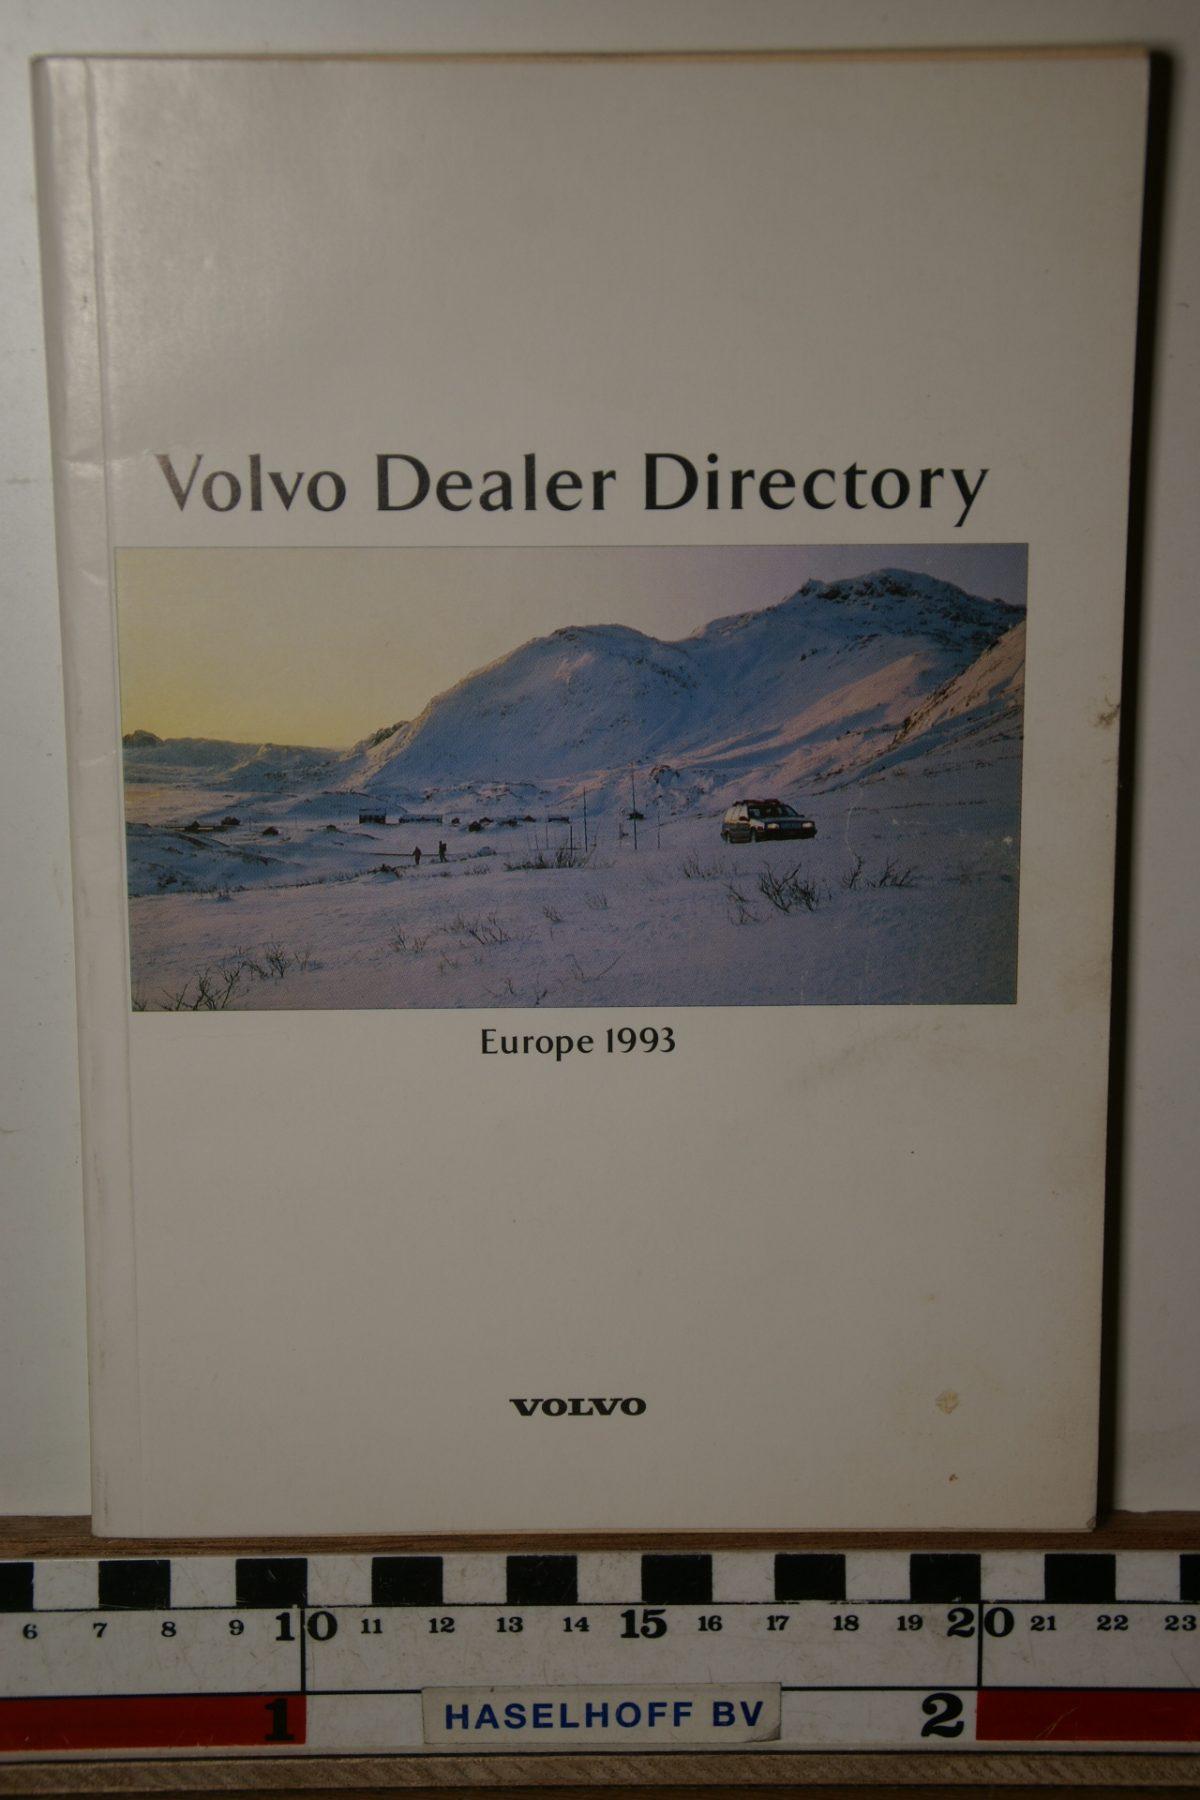 DSC02491 1993 boekje Volvo dealers in Europa MSPV 527-5545